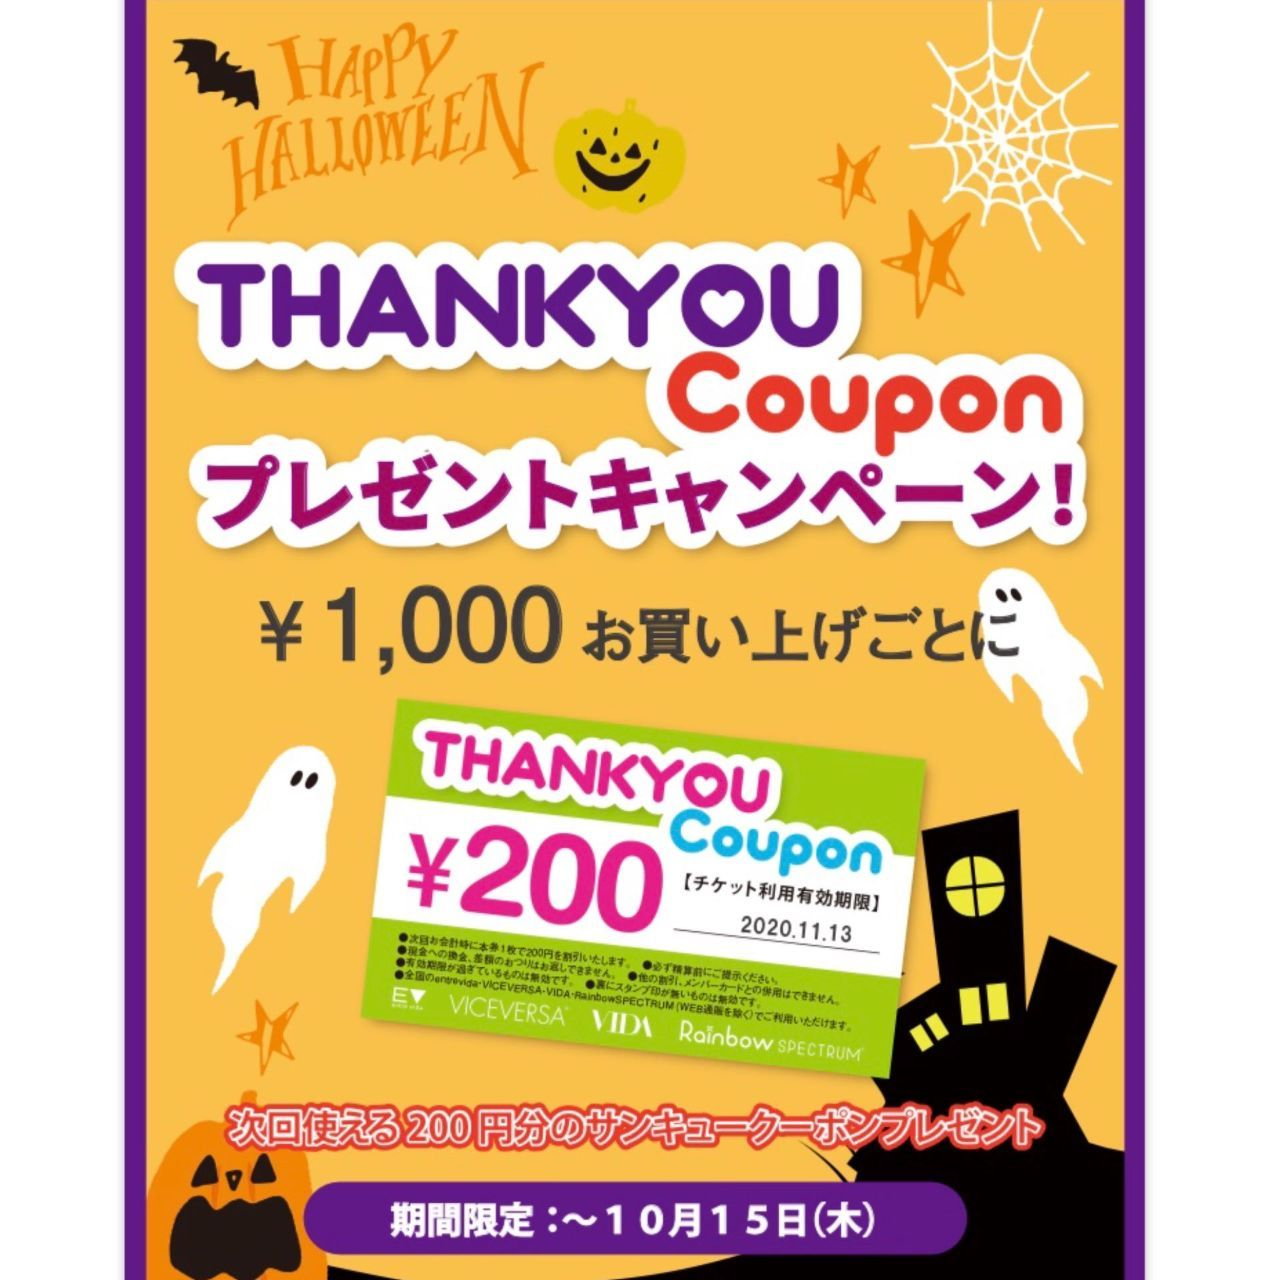 「ハロウィン前の!Thankyouクーポン☆」の写真